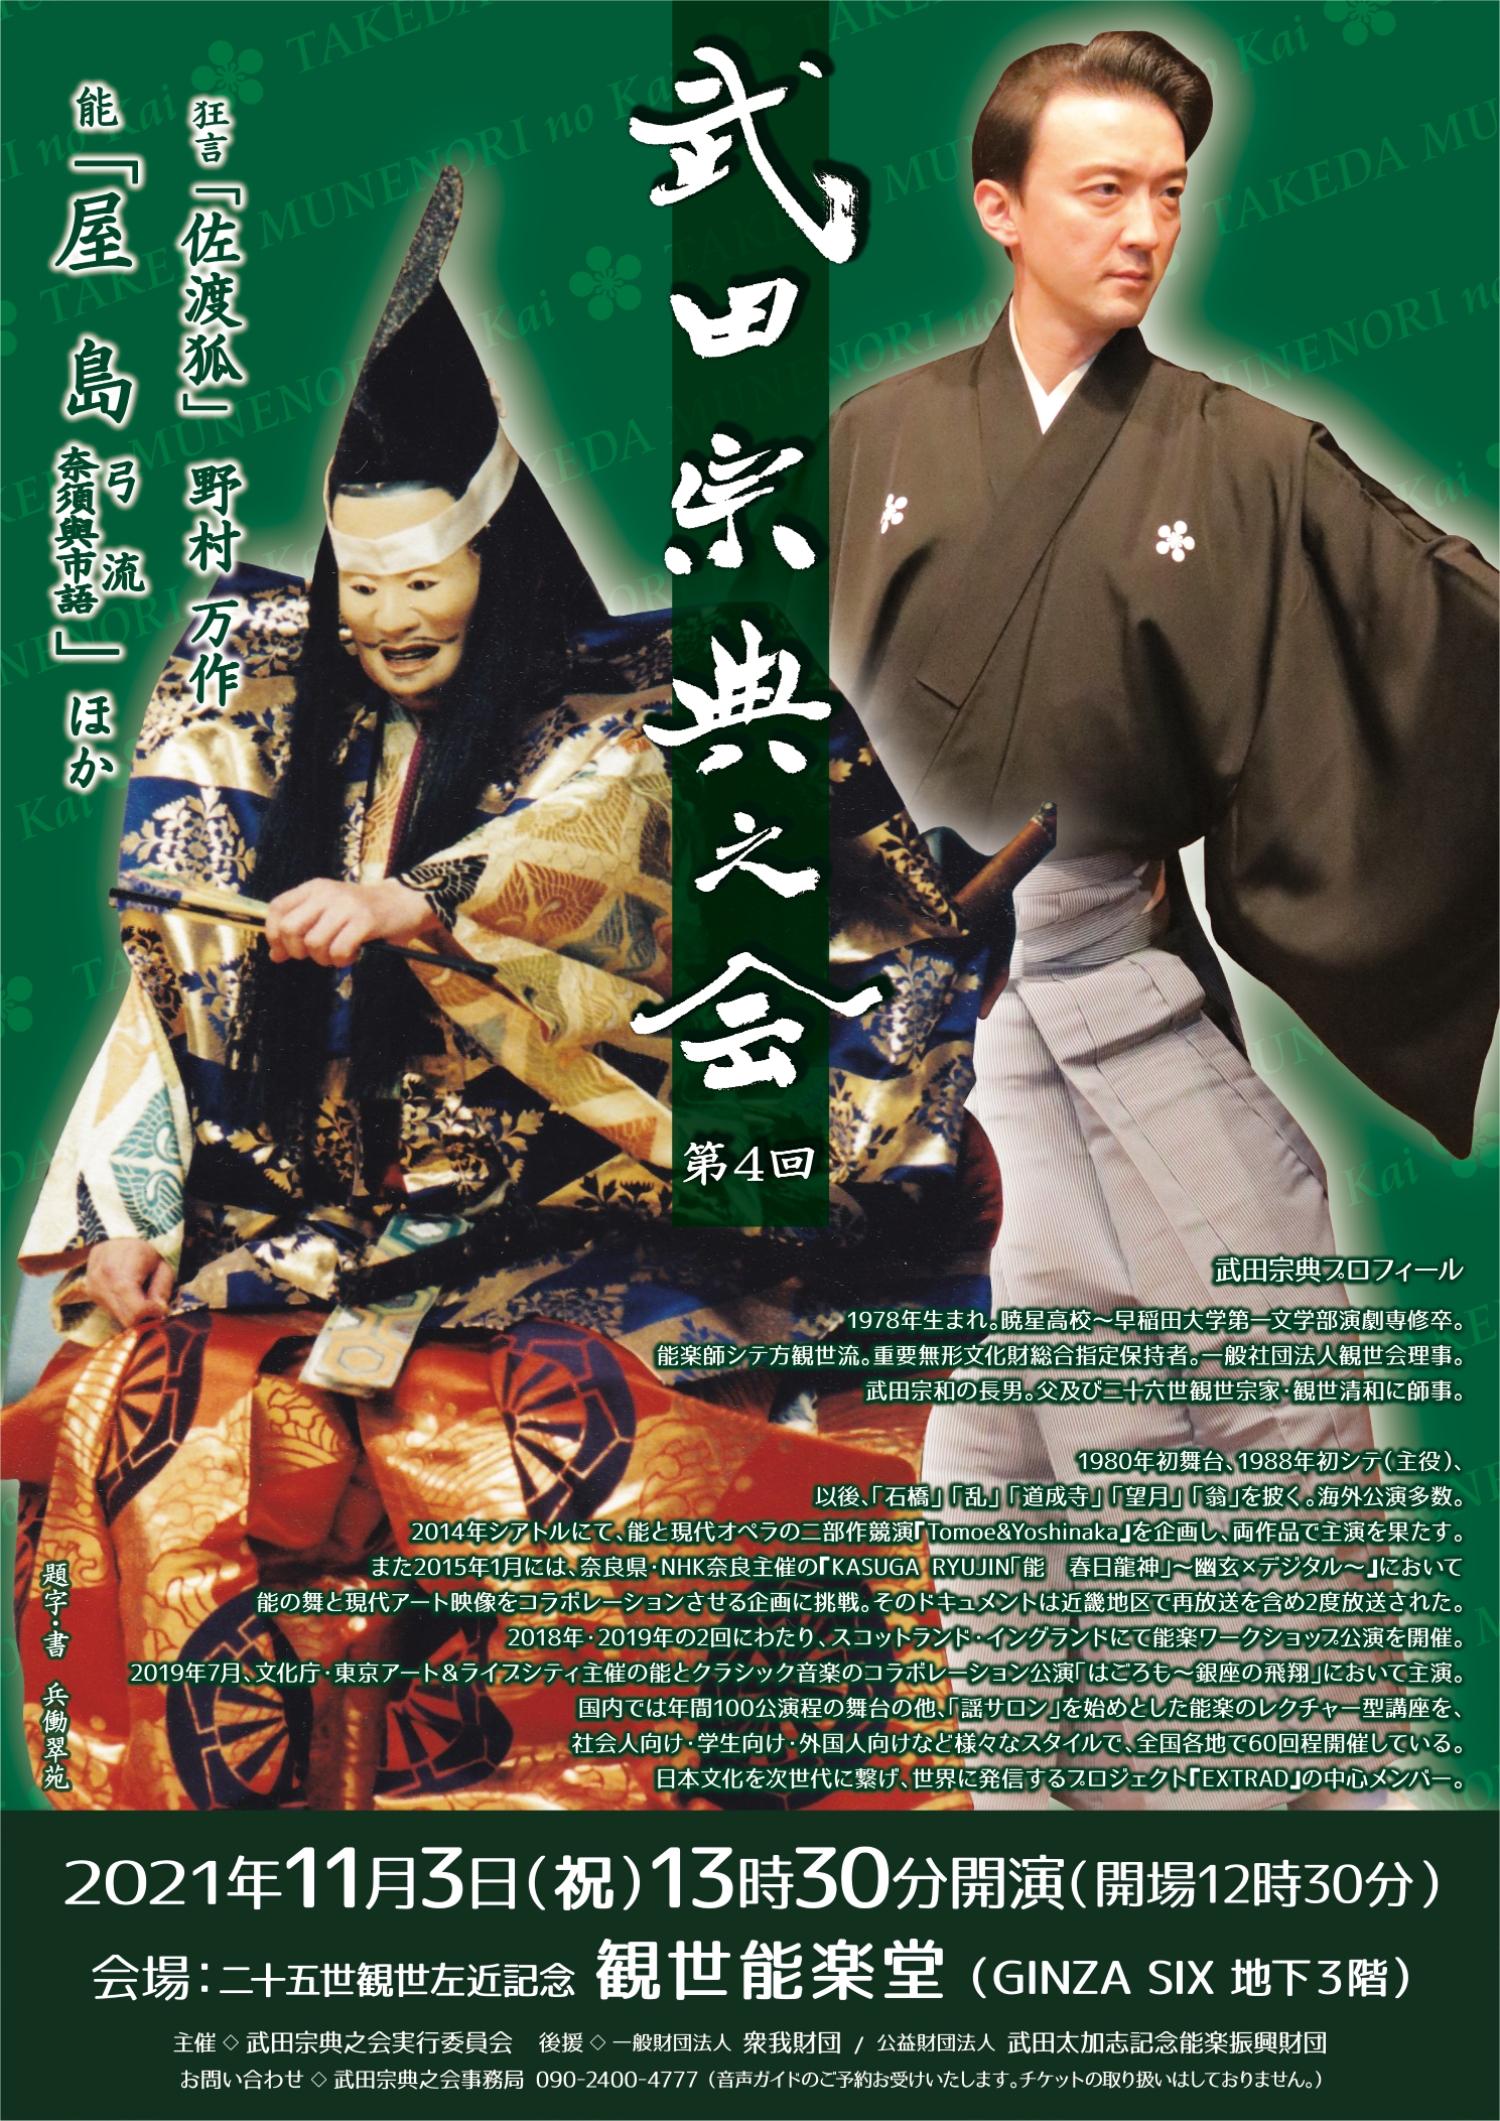 武田宗典の会2021ちらし 表